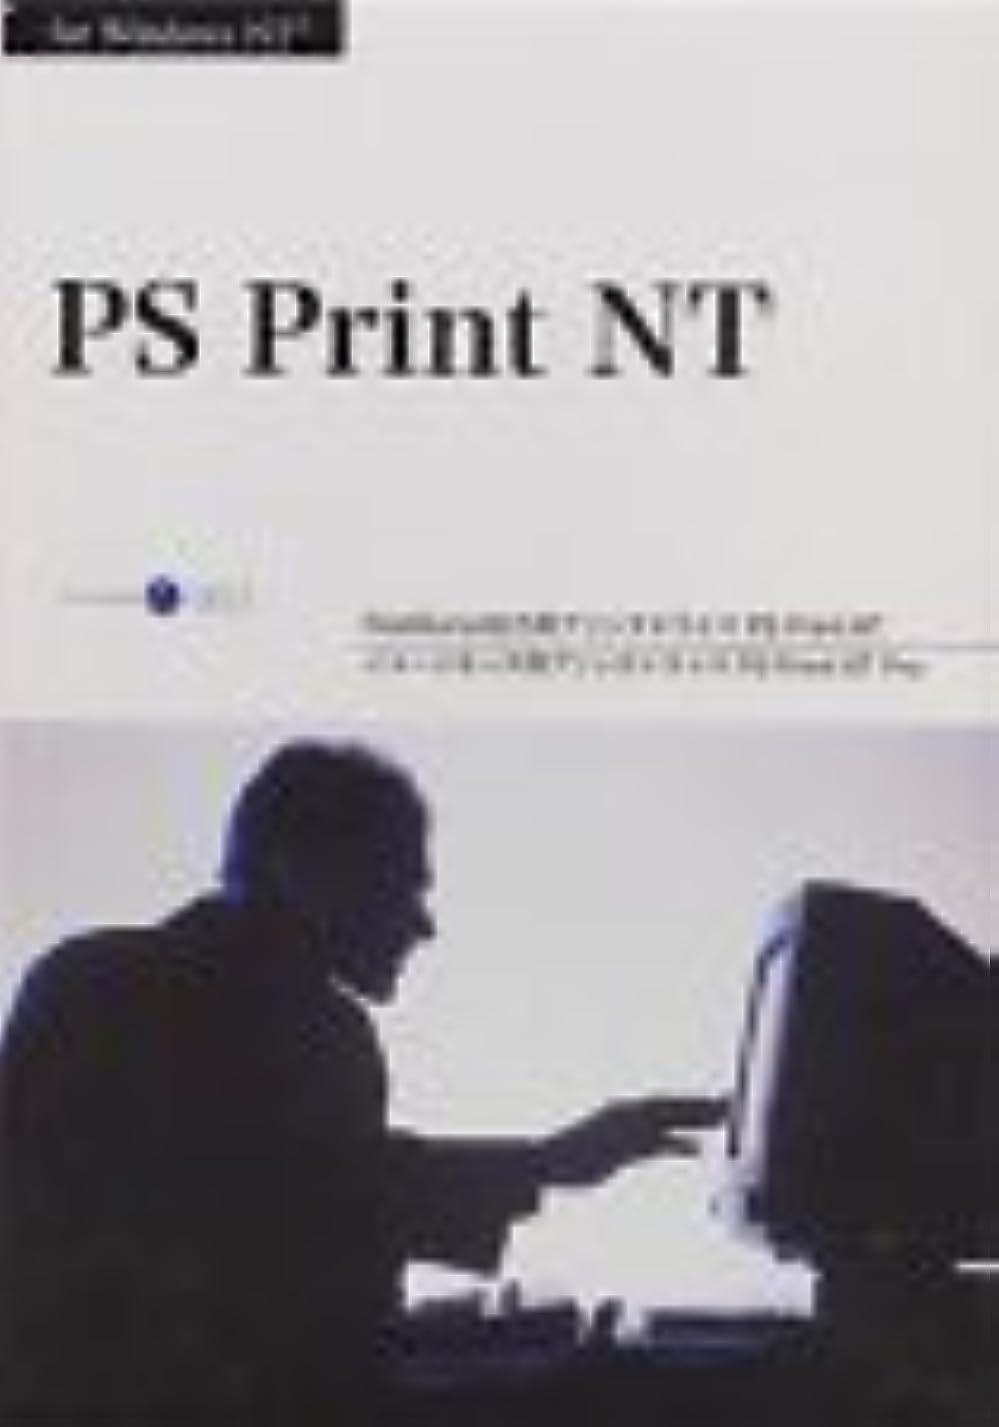 しゃがむ餌現実的PS Print NT